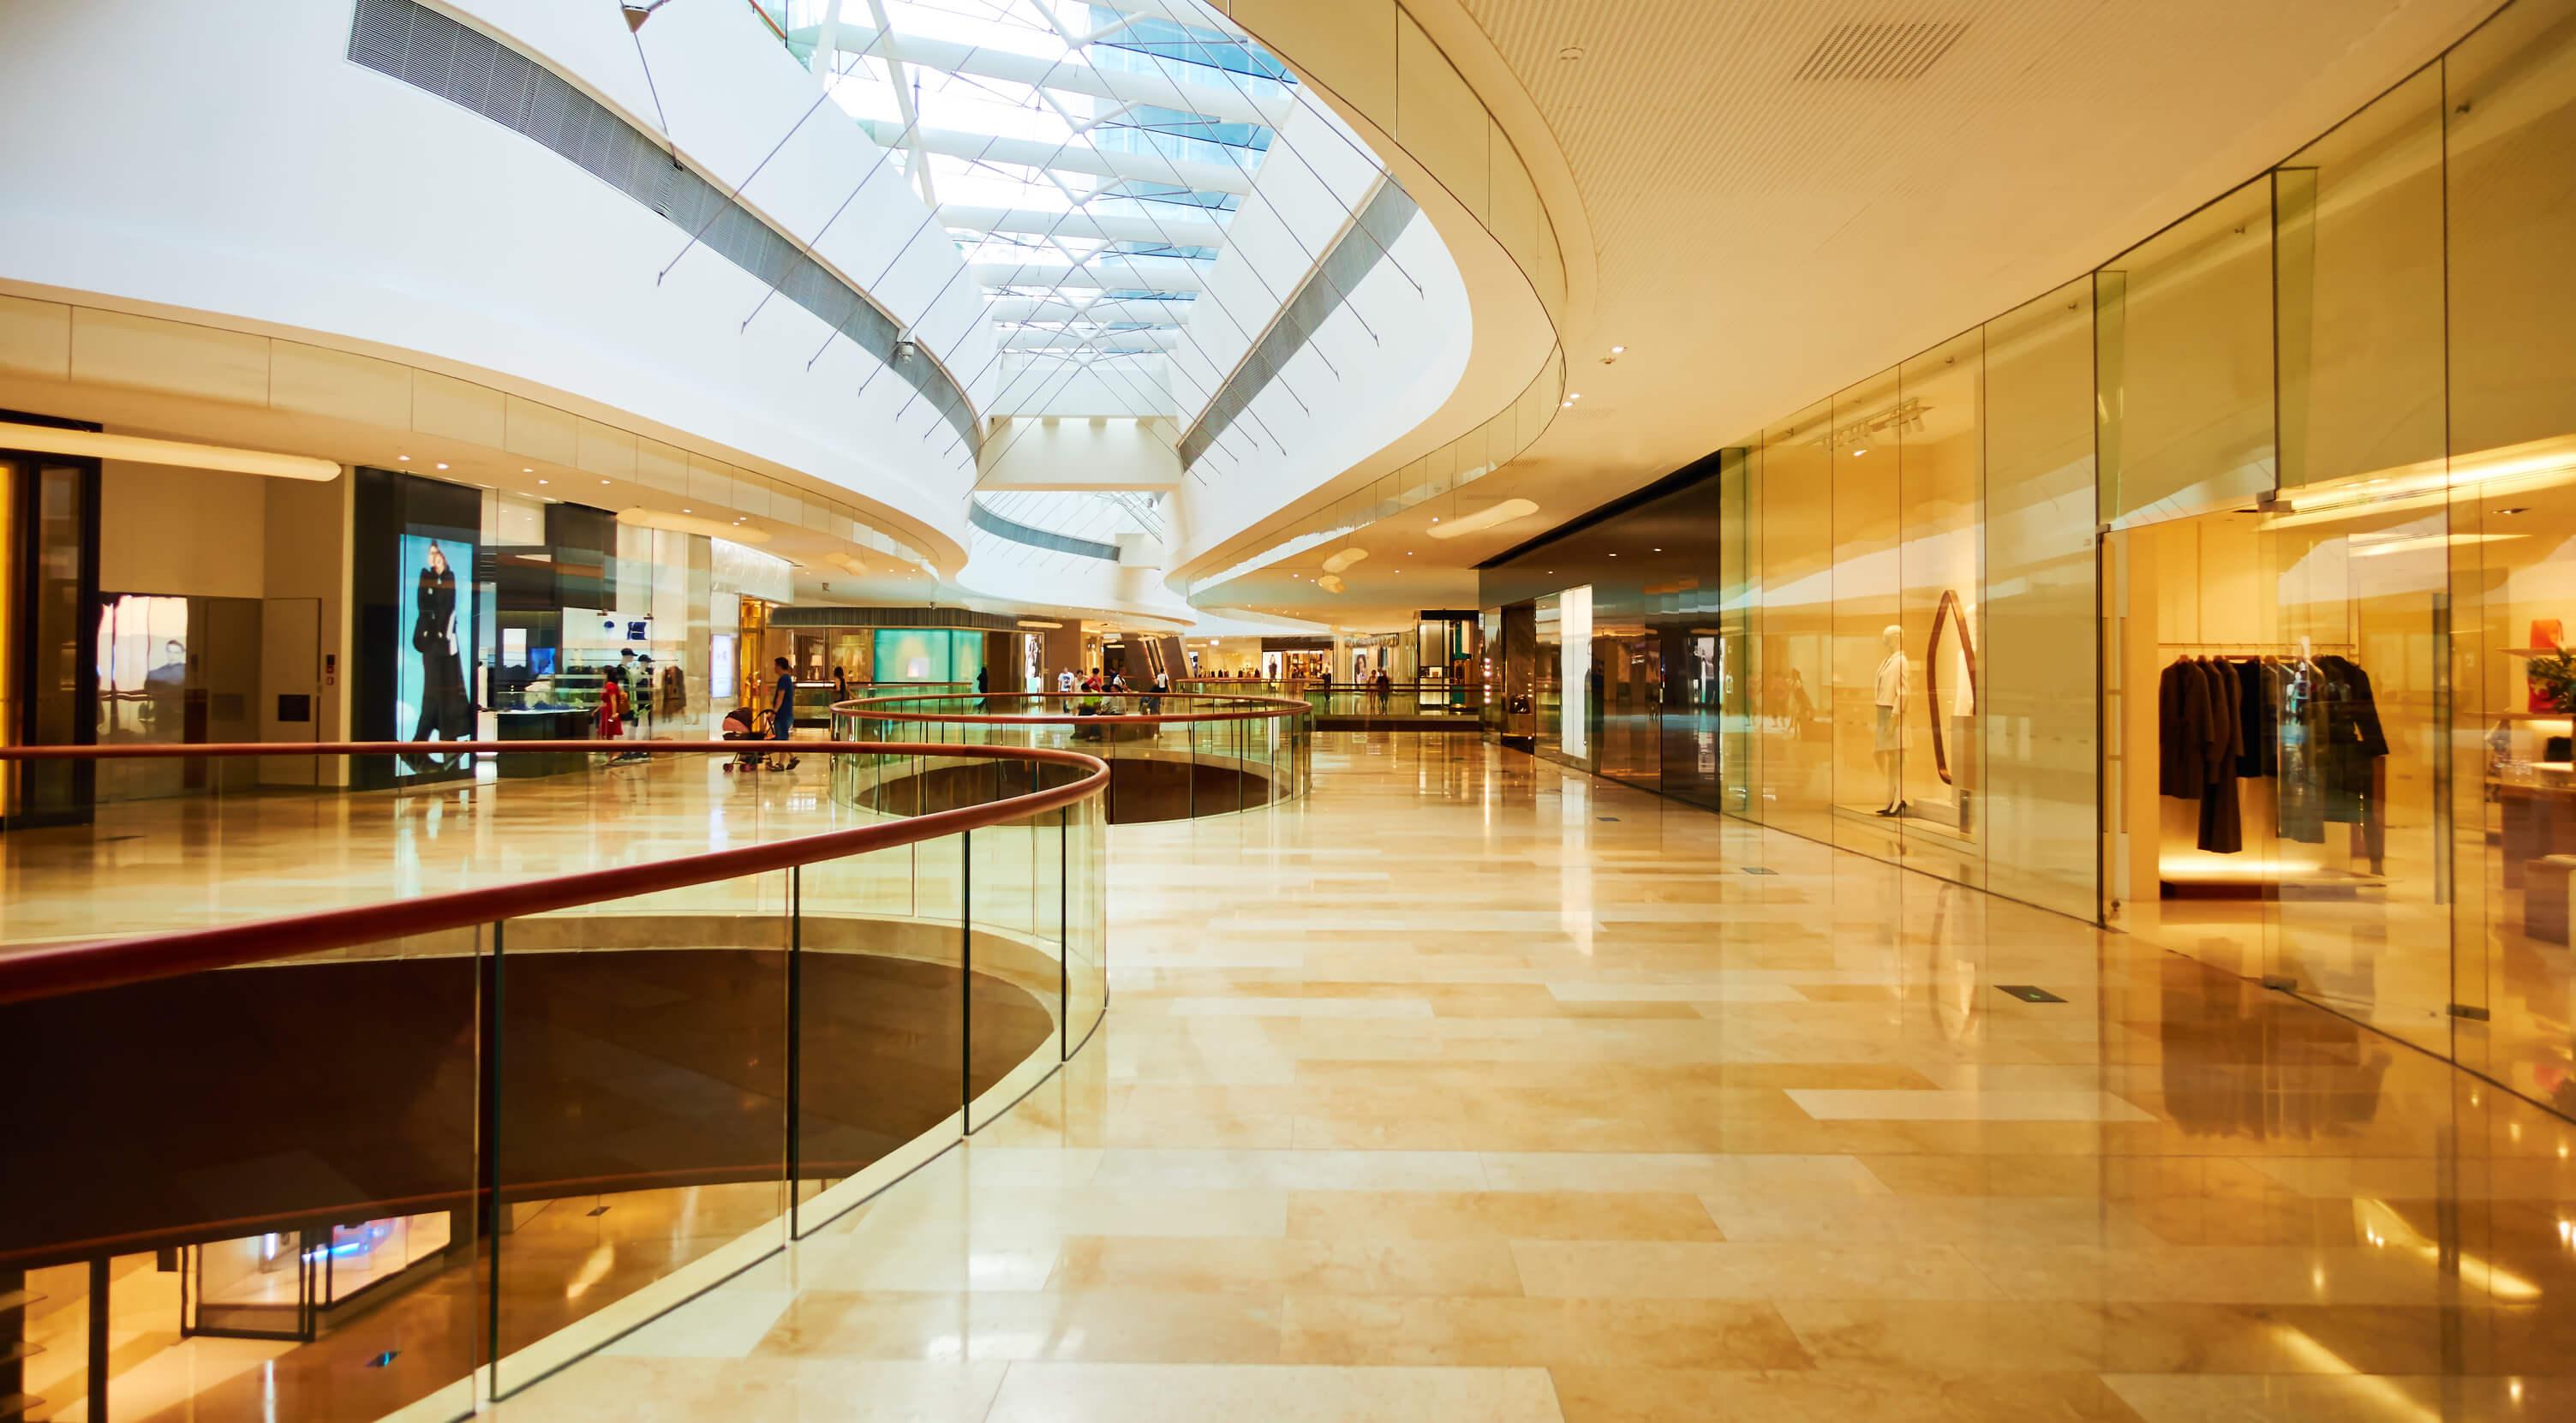 A shopping center.